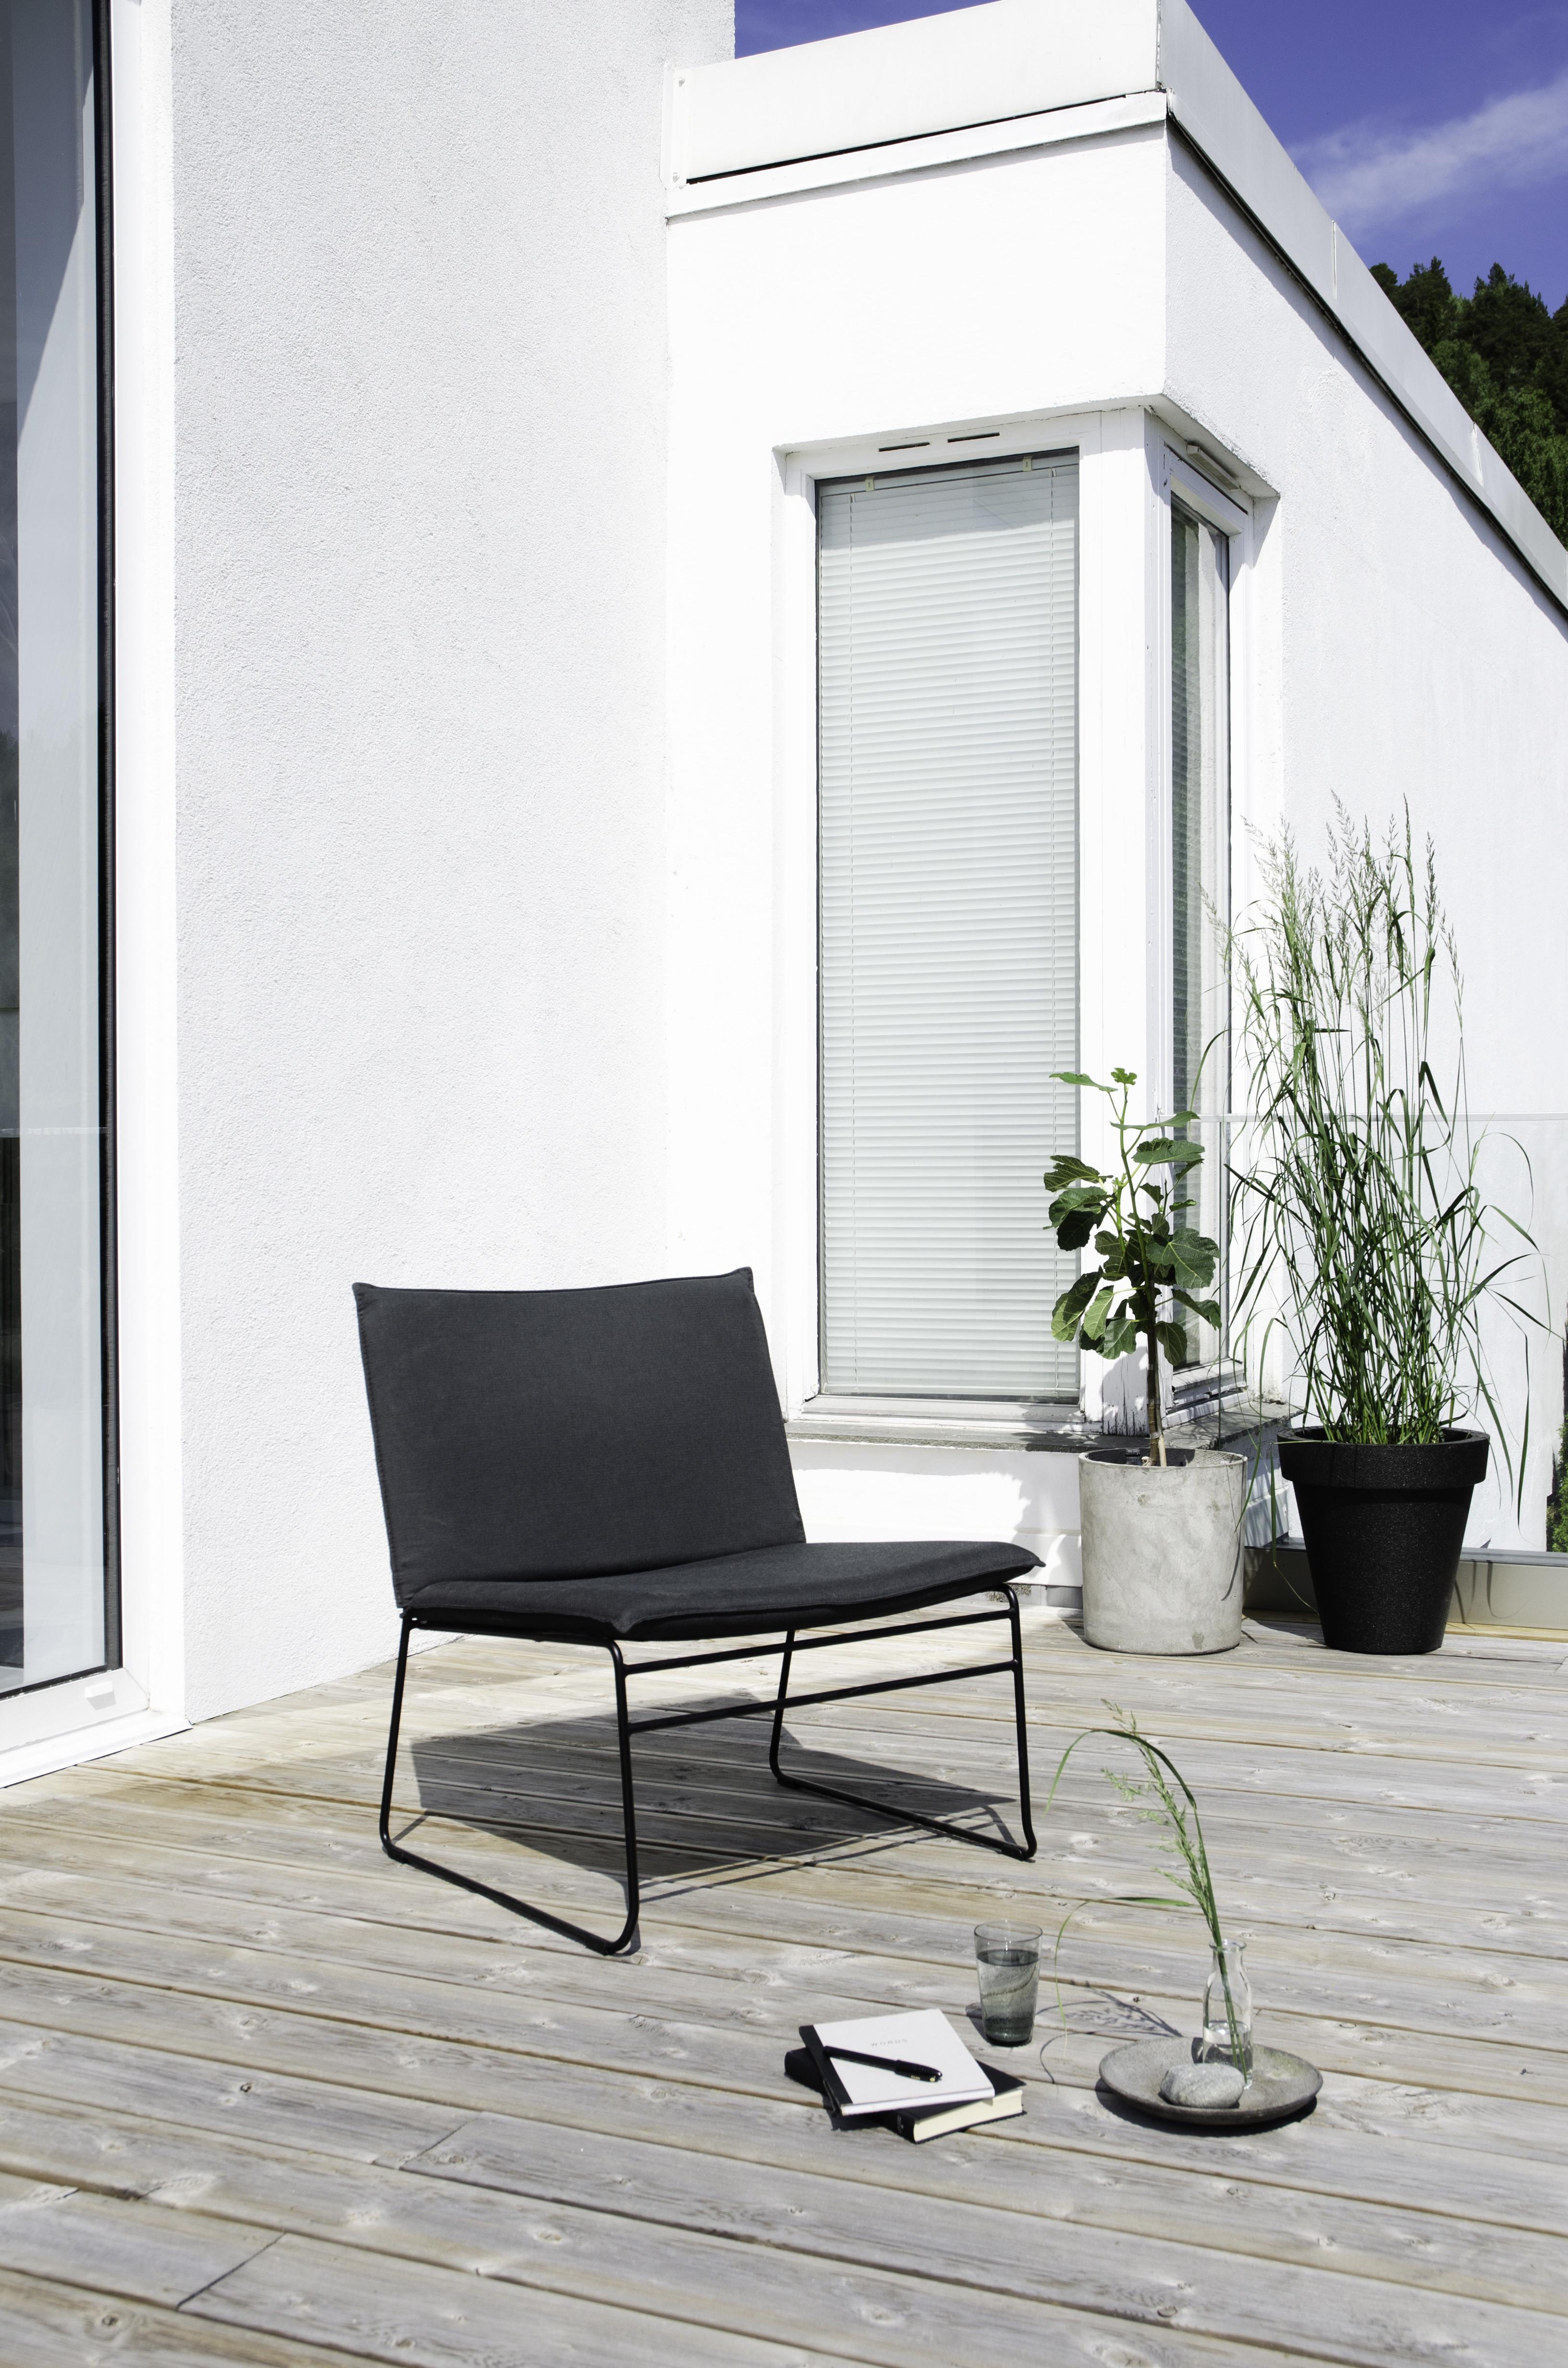 Sitzkissen für Kyst Lounge Chair 05